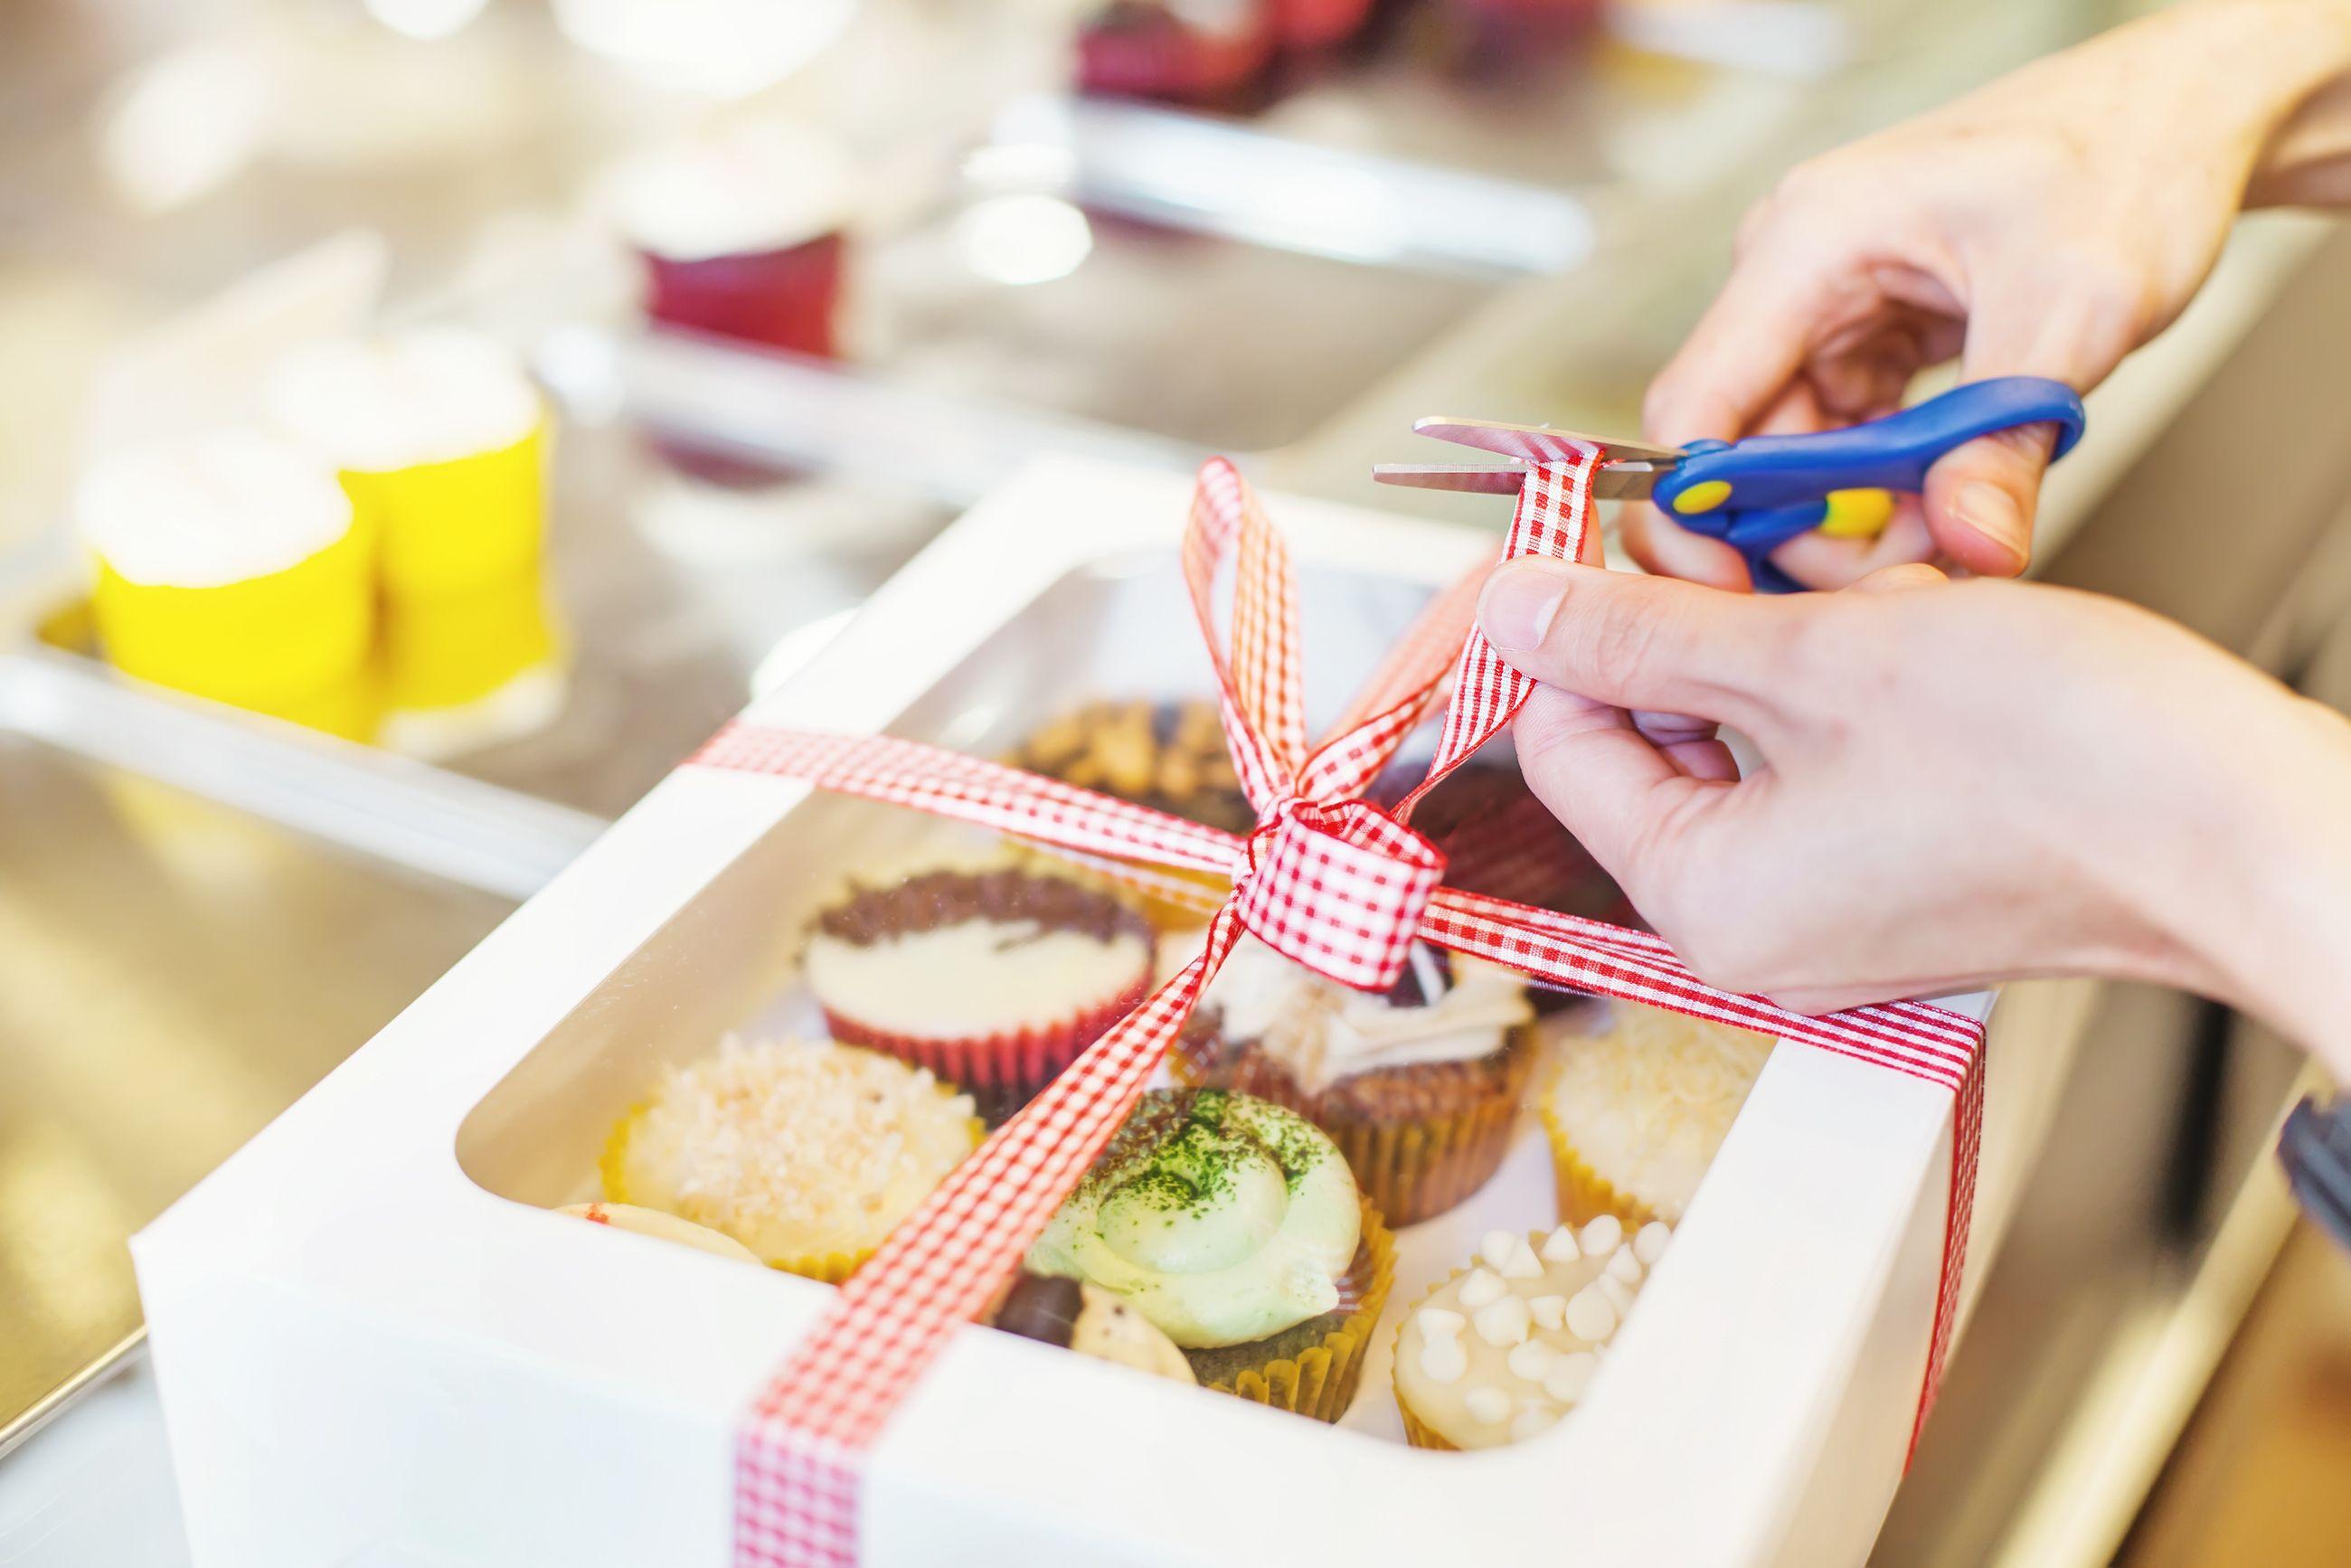 Pastelitos y tartaletas de varios sabores y texturas